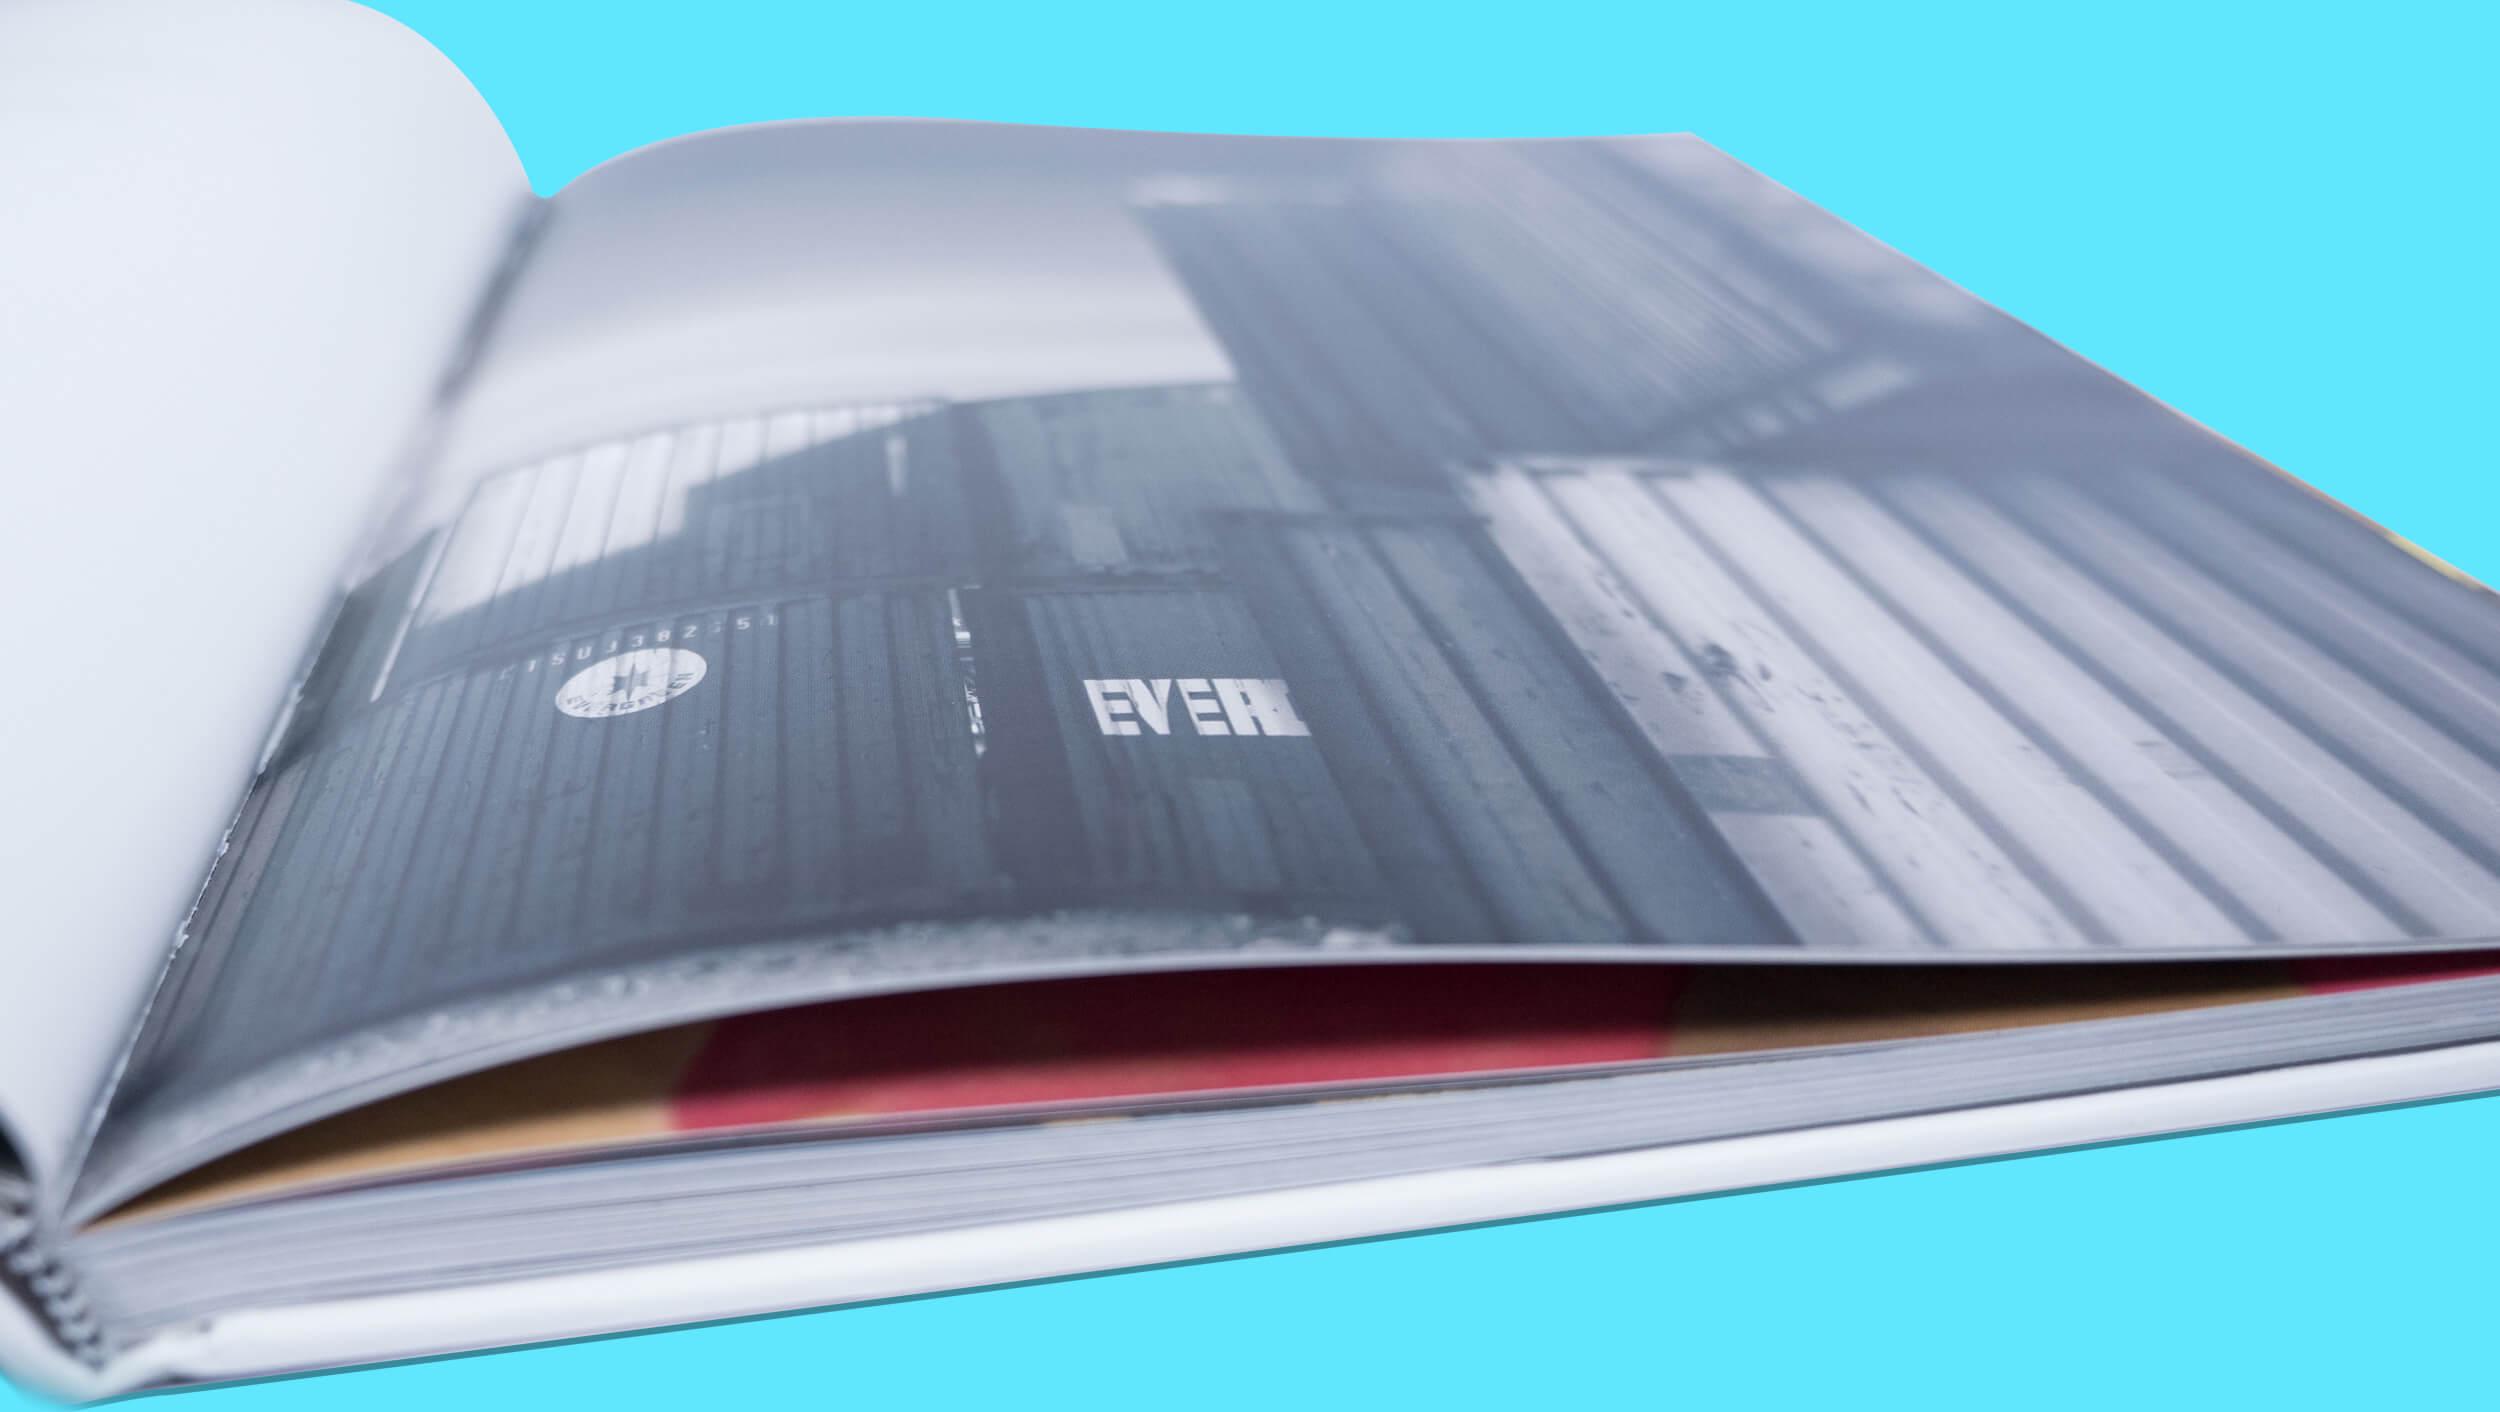 Detalle de páginas interiores del libro para el fotógrafo Asier Bastida. 20 años construyendo un sueño